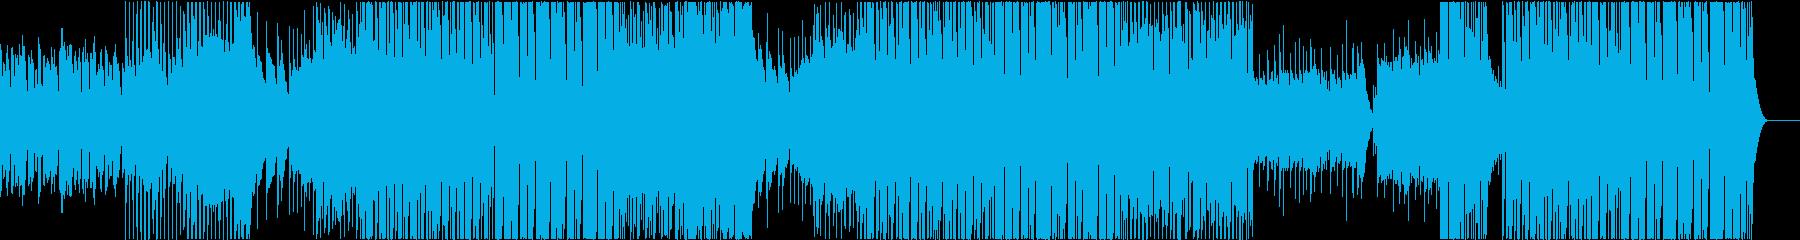 おしゃれでレトロなハウス EDMの再生済みの波形